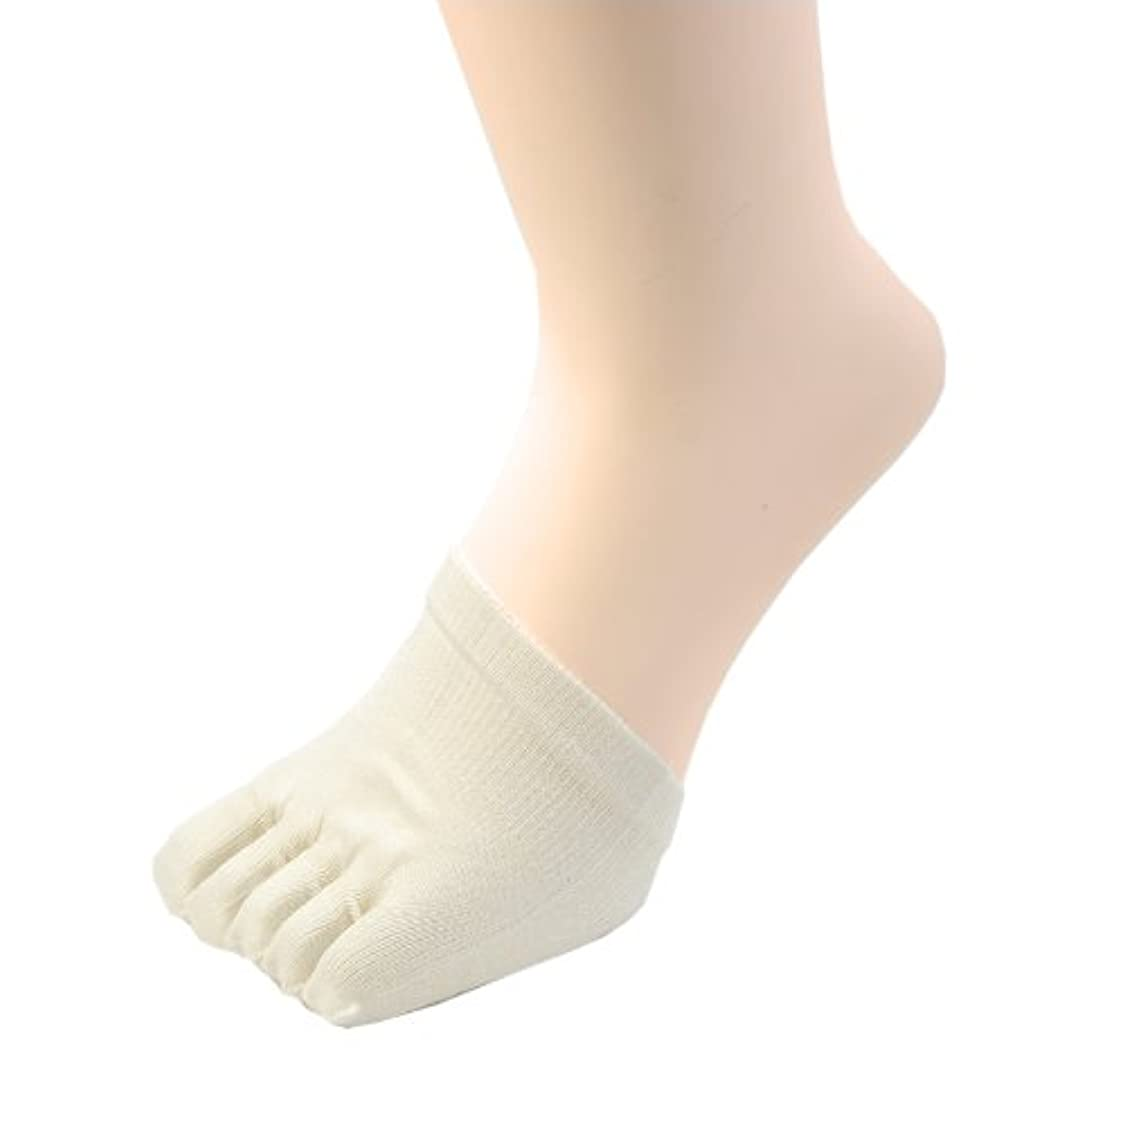 ごみ道徳のトランジスタ冷えとり 絹 ( シルク )100% ハーフ 5本指 下履き (クツしたイン) ソックス 着圧健康ソックスの必需品! 2足組 #685